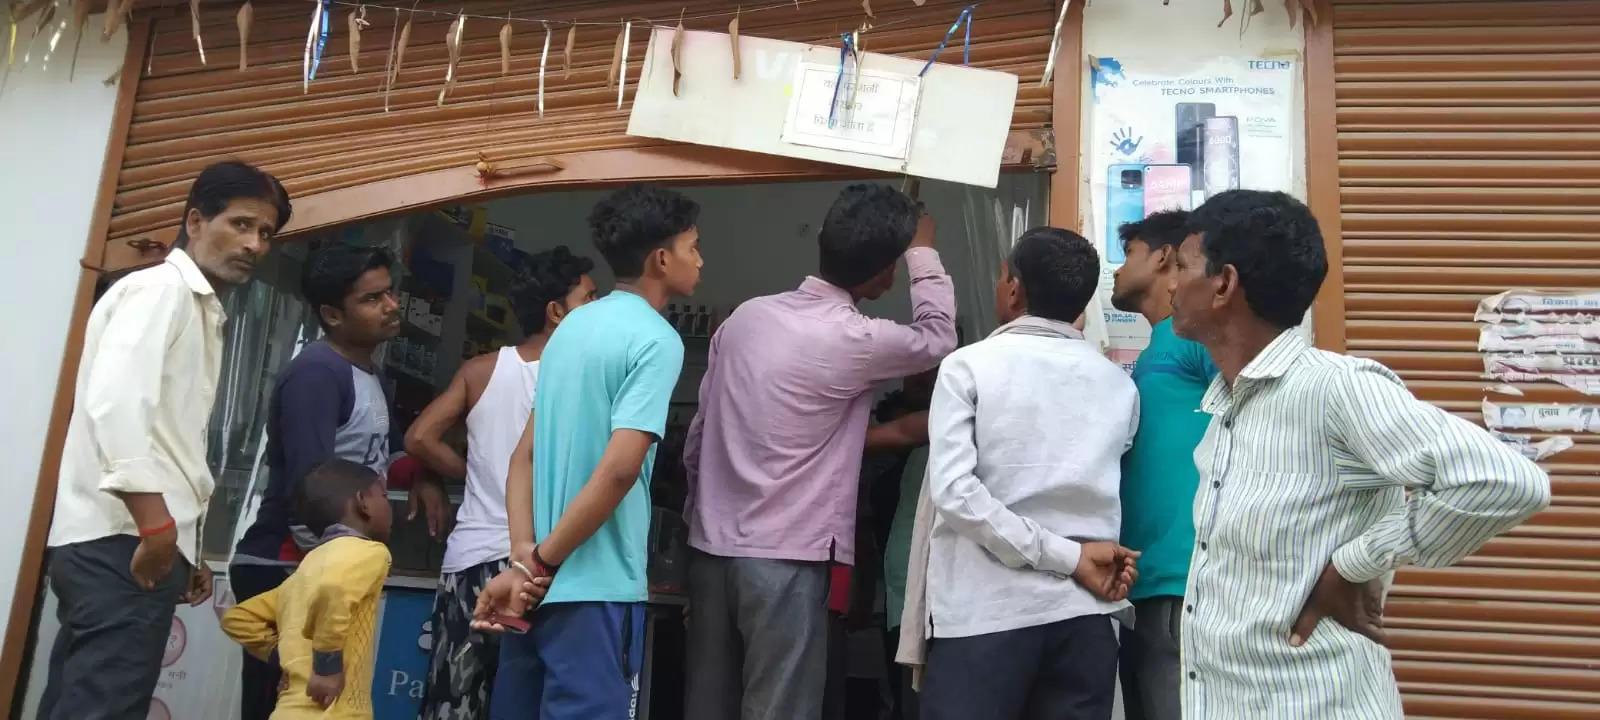 उन्नाव में चोरों के हौसले बुलन्द,मोबाइल शॉप का शटर तोड़ चोरों ने उड़ाया माल